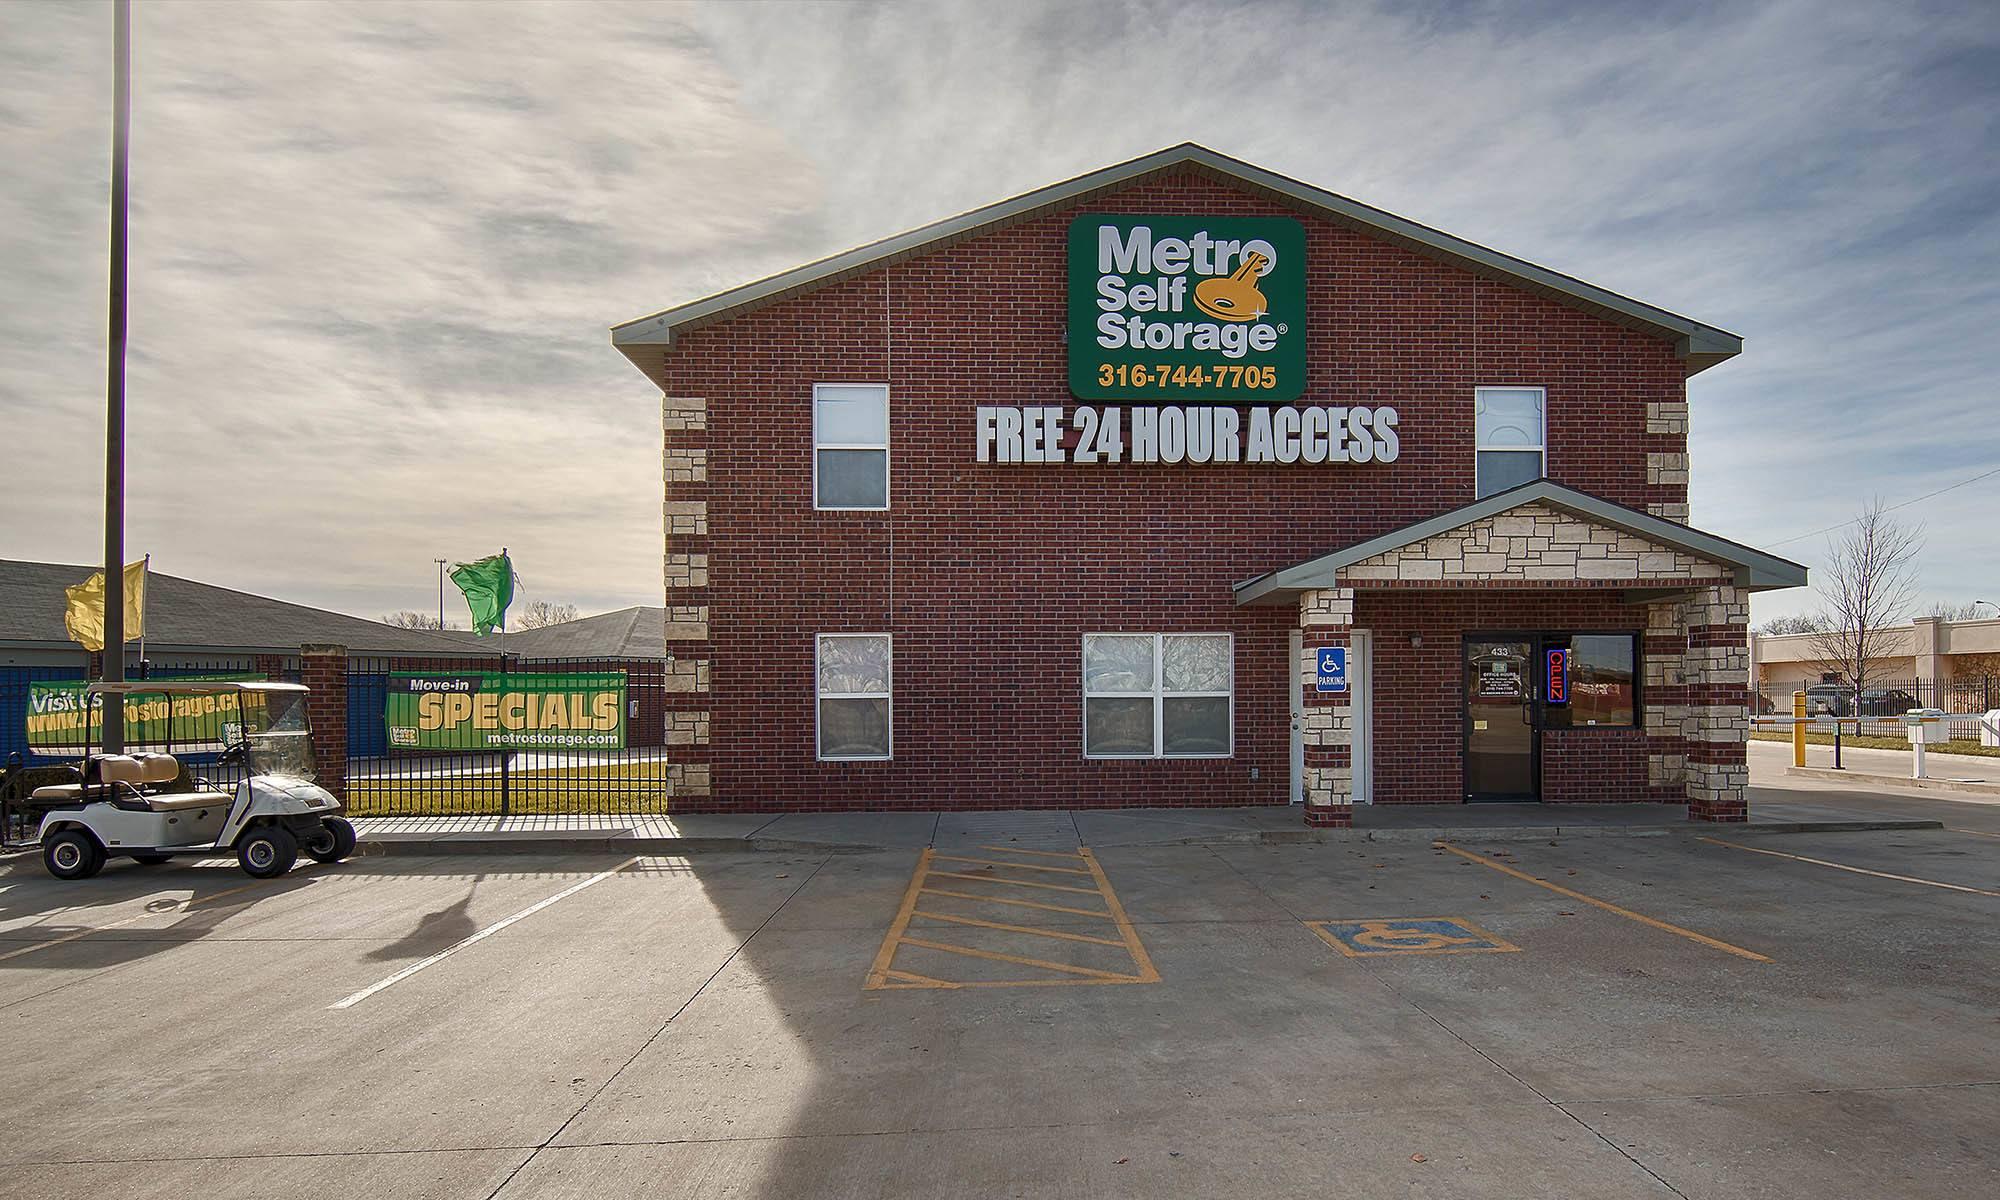 Metro Self Storage in Park City, KS